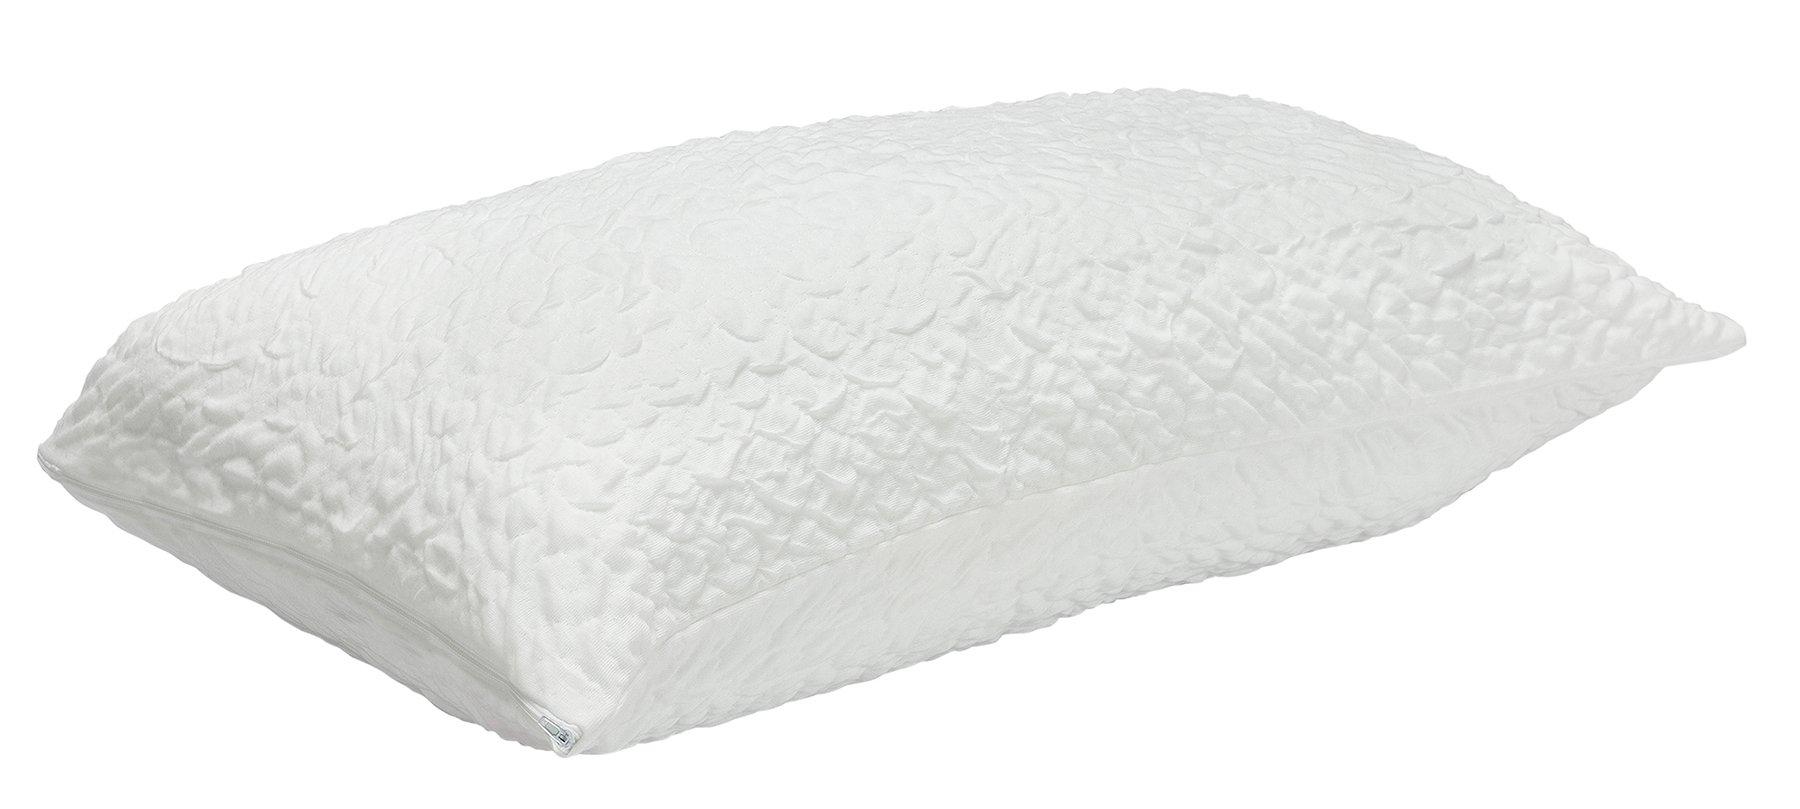 Pikolin Home - Funda protector de almohada bielástica, antiácaros, transpirable, 40 x 75